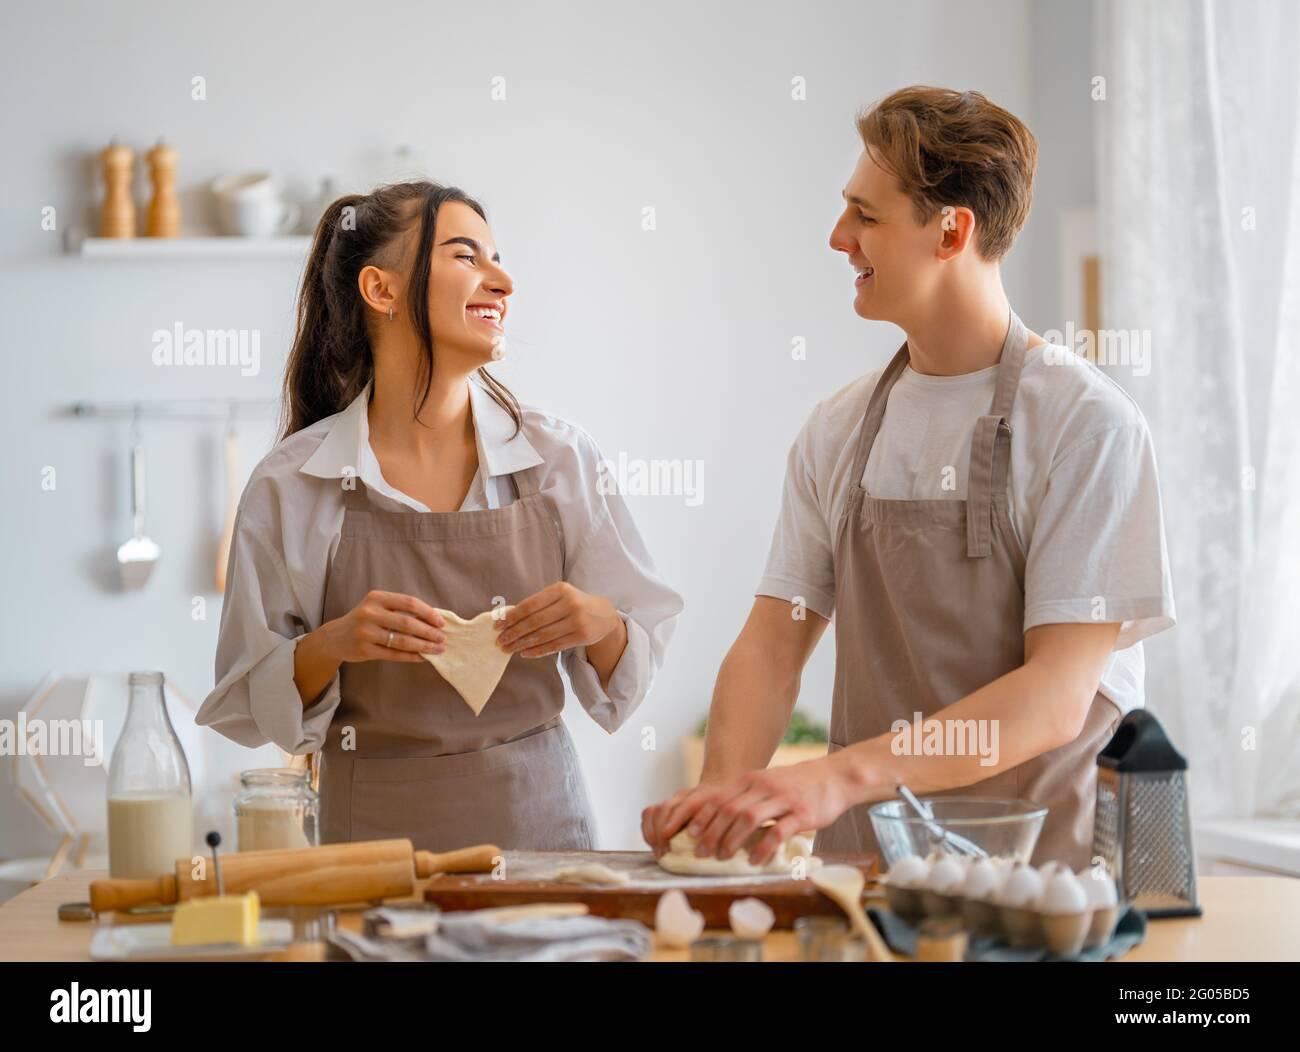 Le couple heureux aimant prépare la pâtisserie dans la cuisine. Banque D'Images